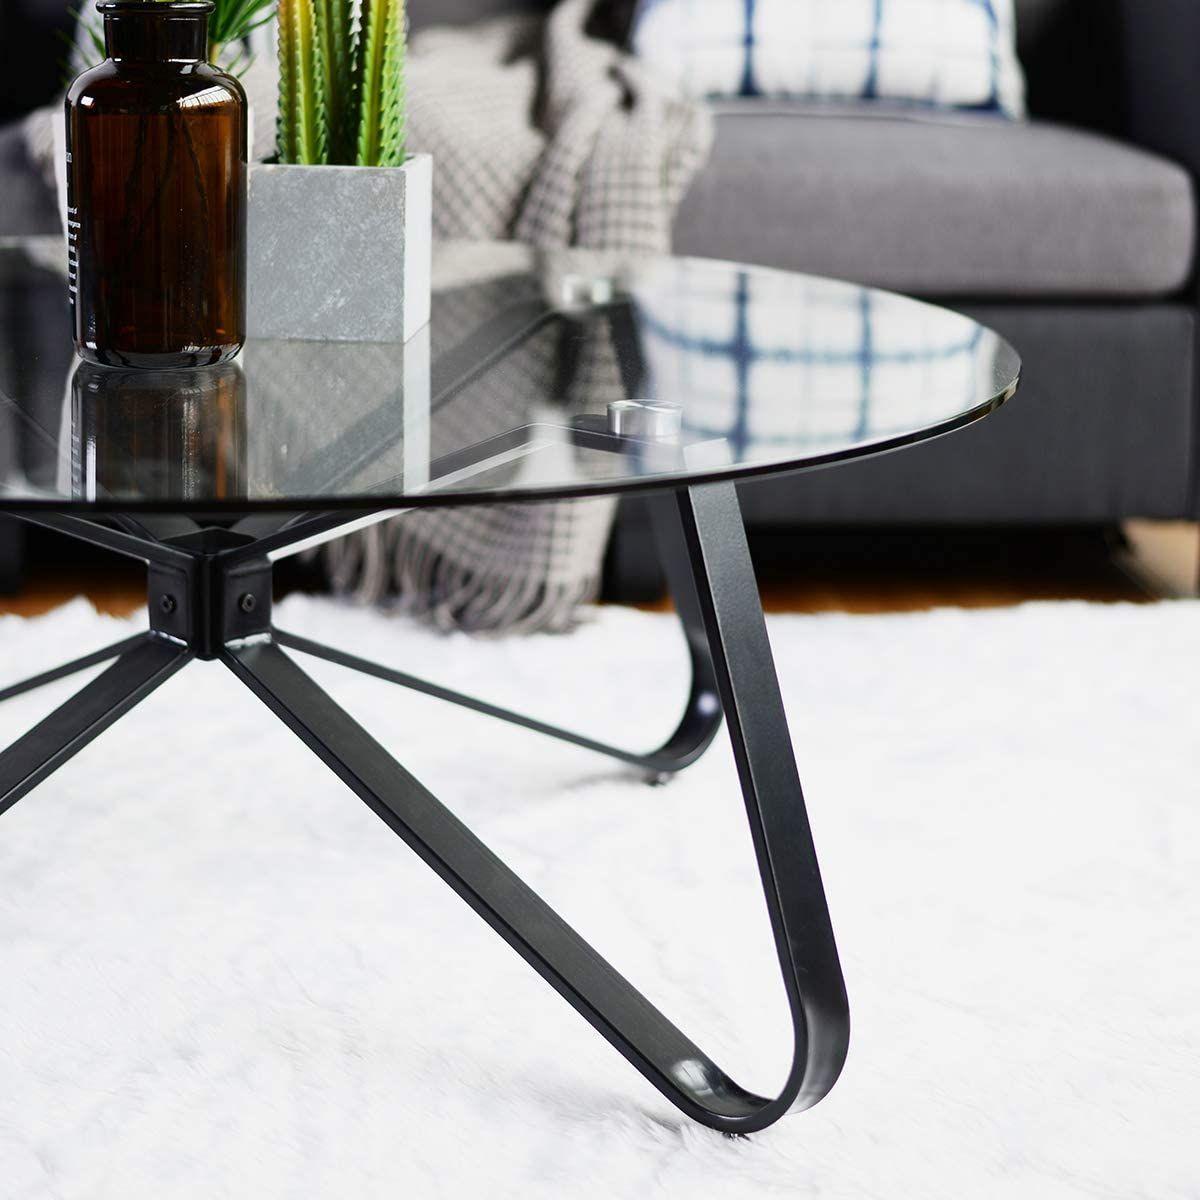 Table Basse En Verre Trempe Table De Salon Table De Canape Minimaliste Moderne Table De Salon Table Basse Verre Trempe Table Basse Verre